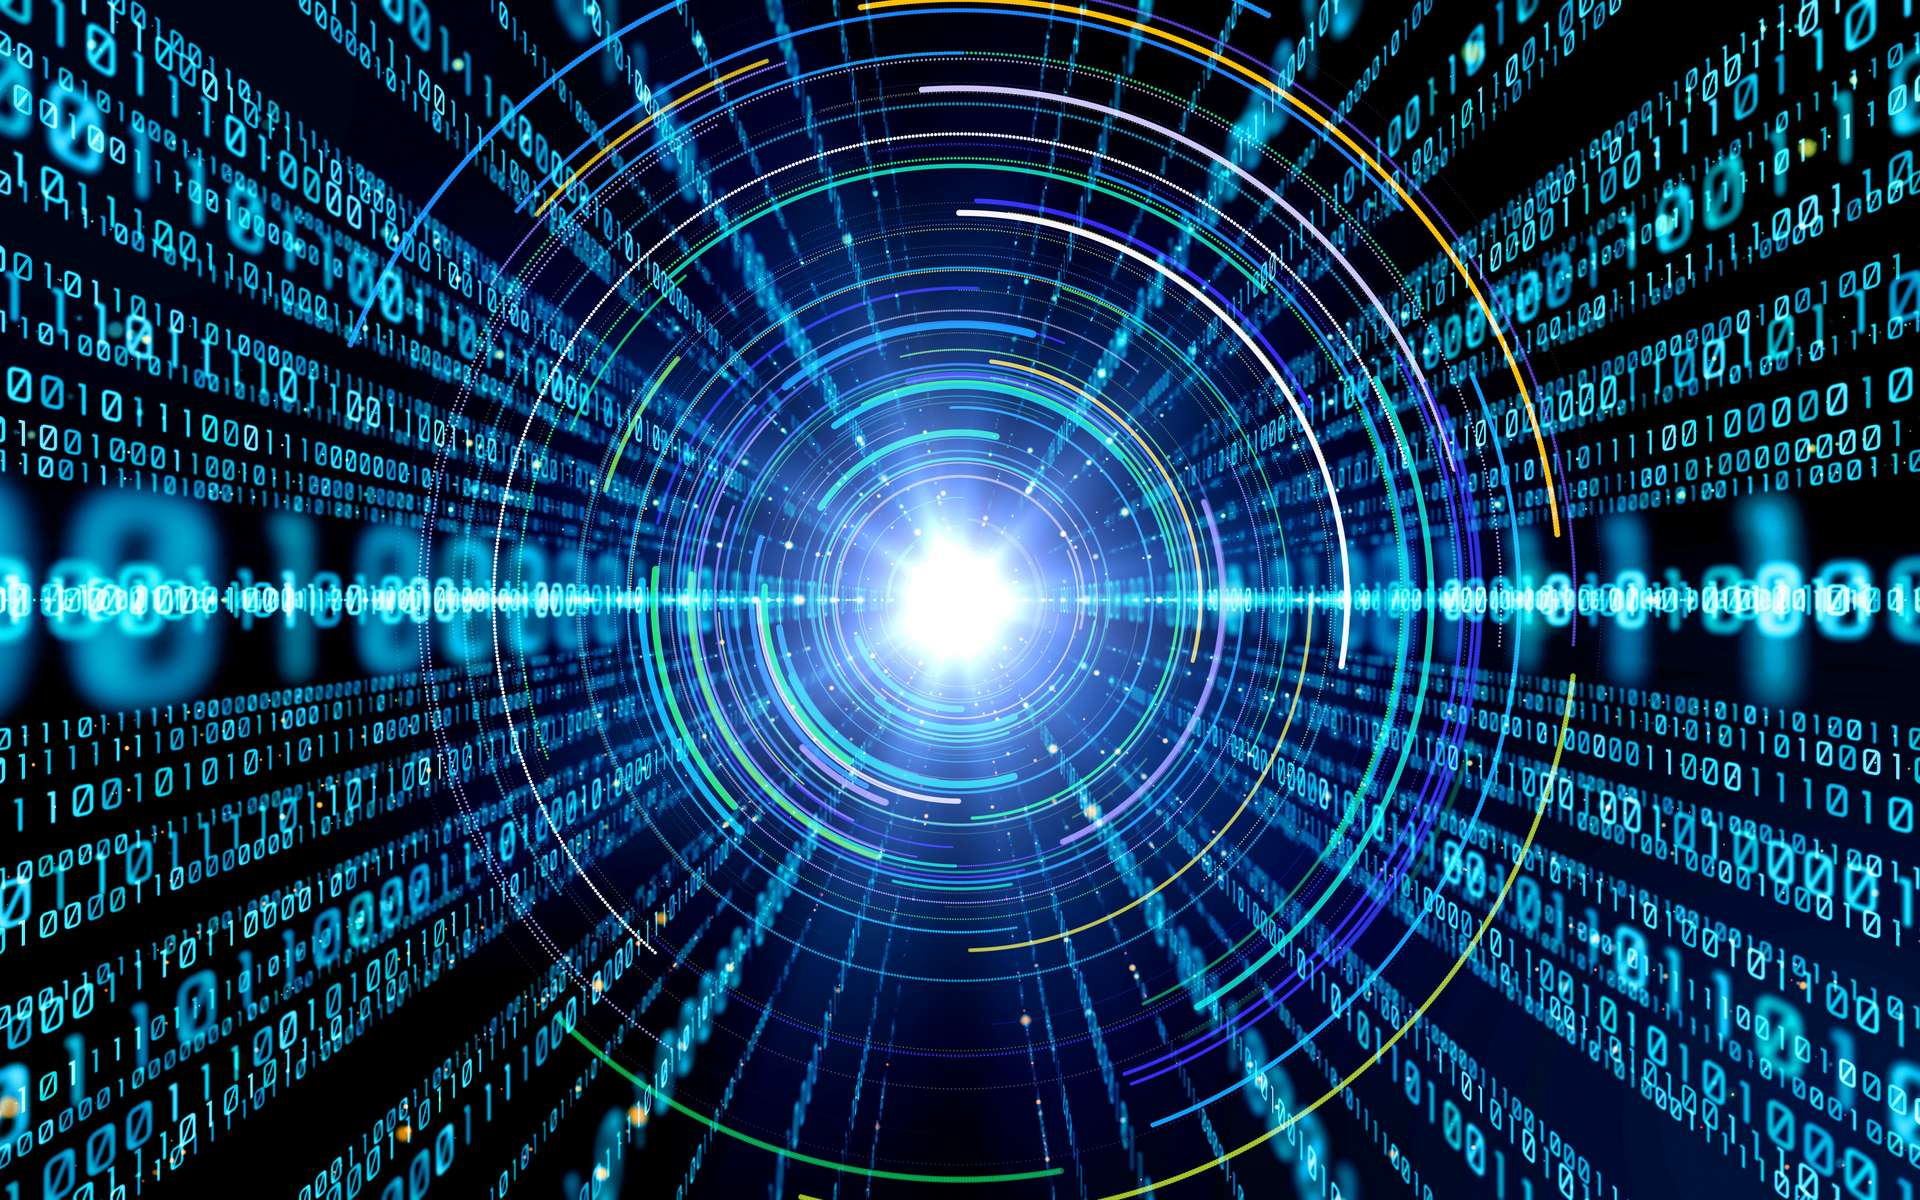 Une vue d'artiste de l'internet quantique depuis l'espace. © metamorworks, Adobe Stock